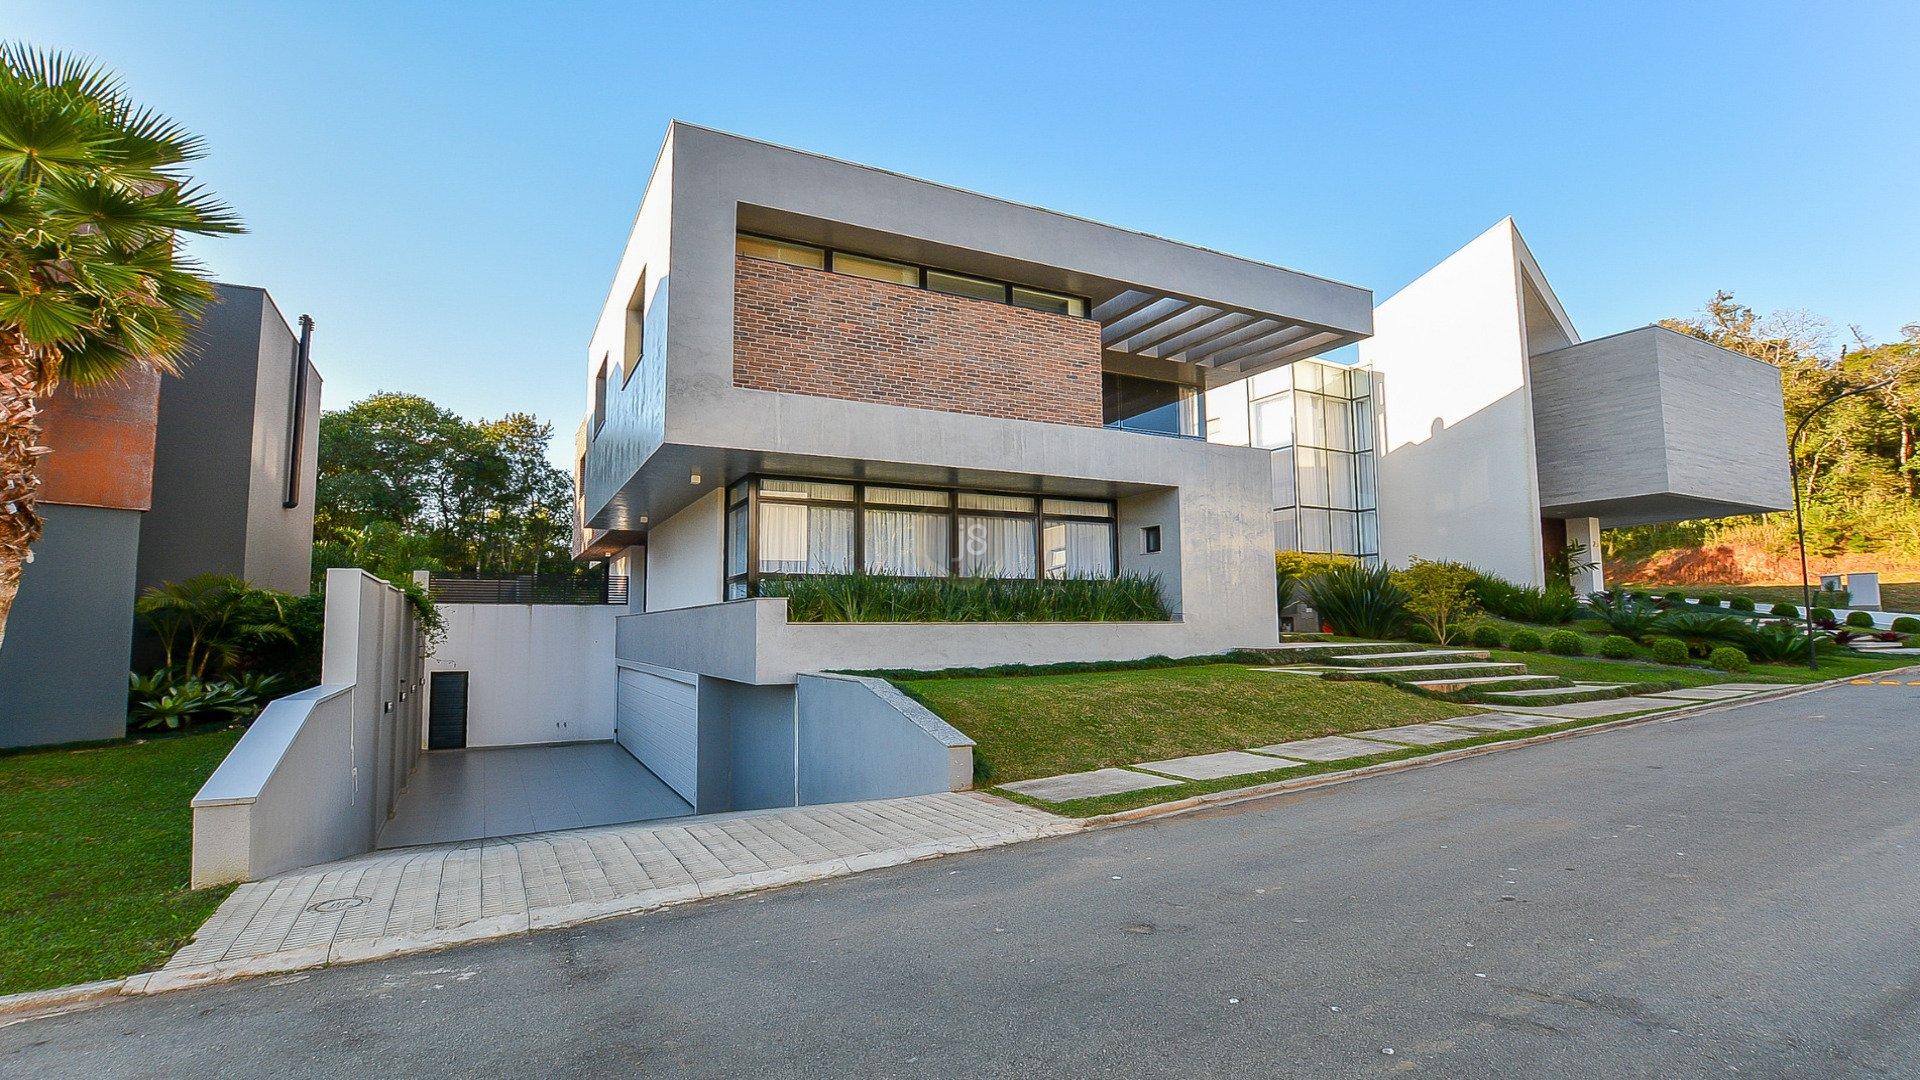 Foto de destaque Requinte e luxo, casa com 4 suítes em condomínio